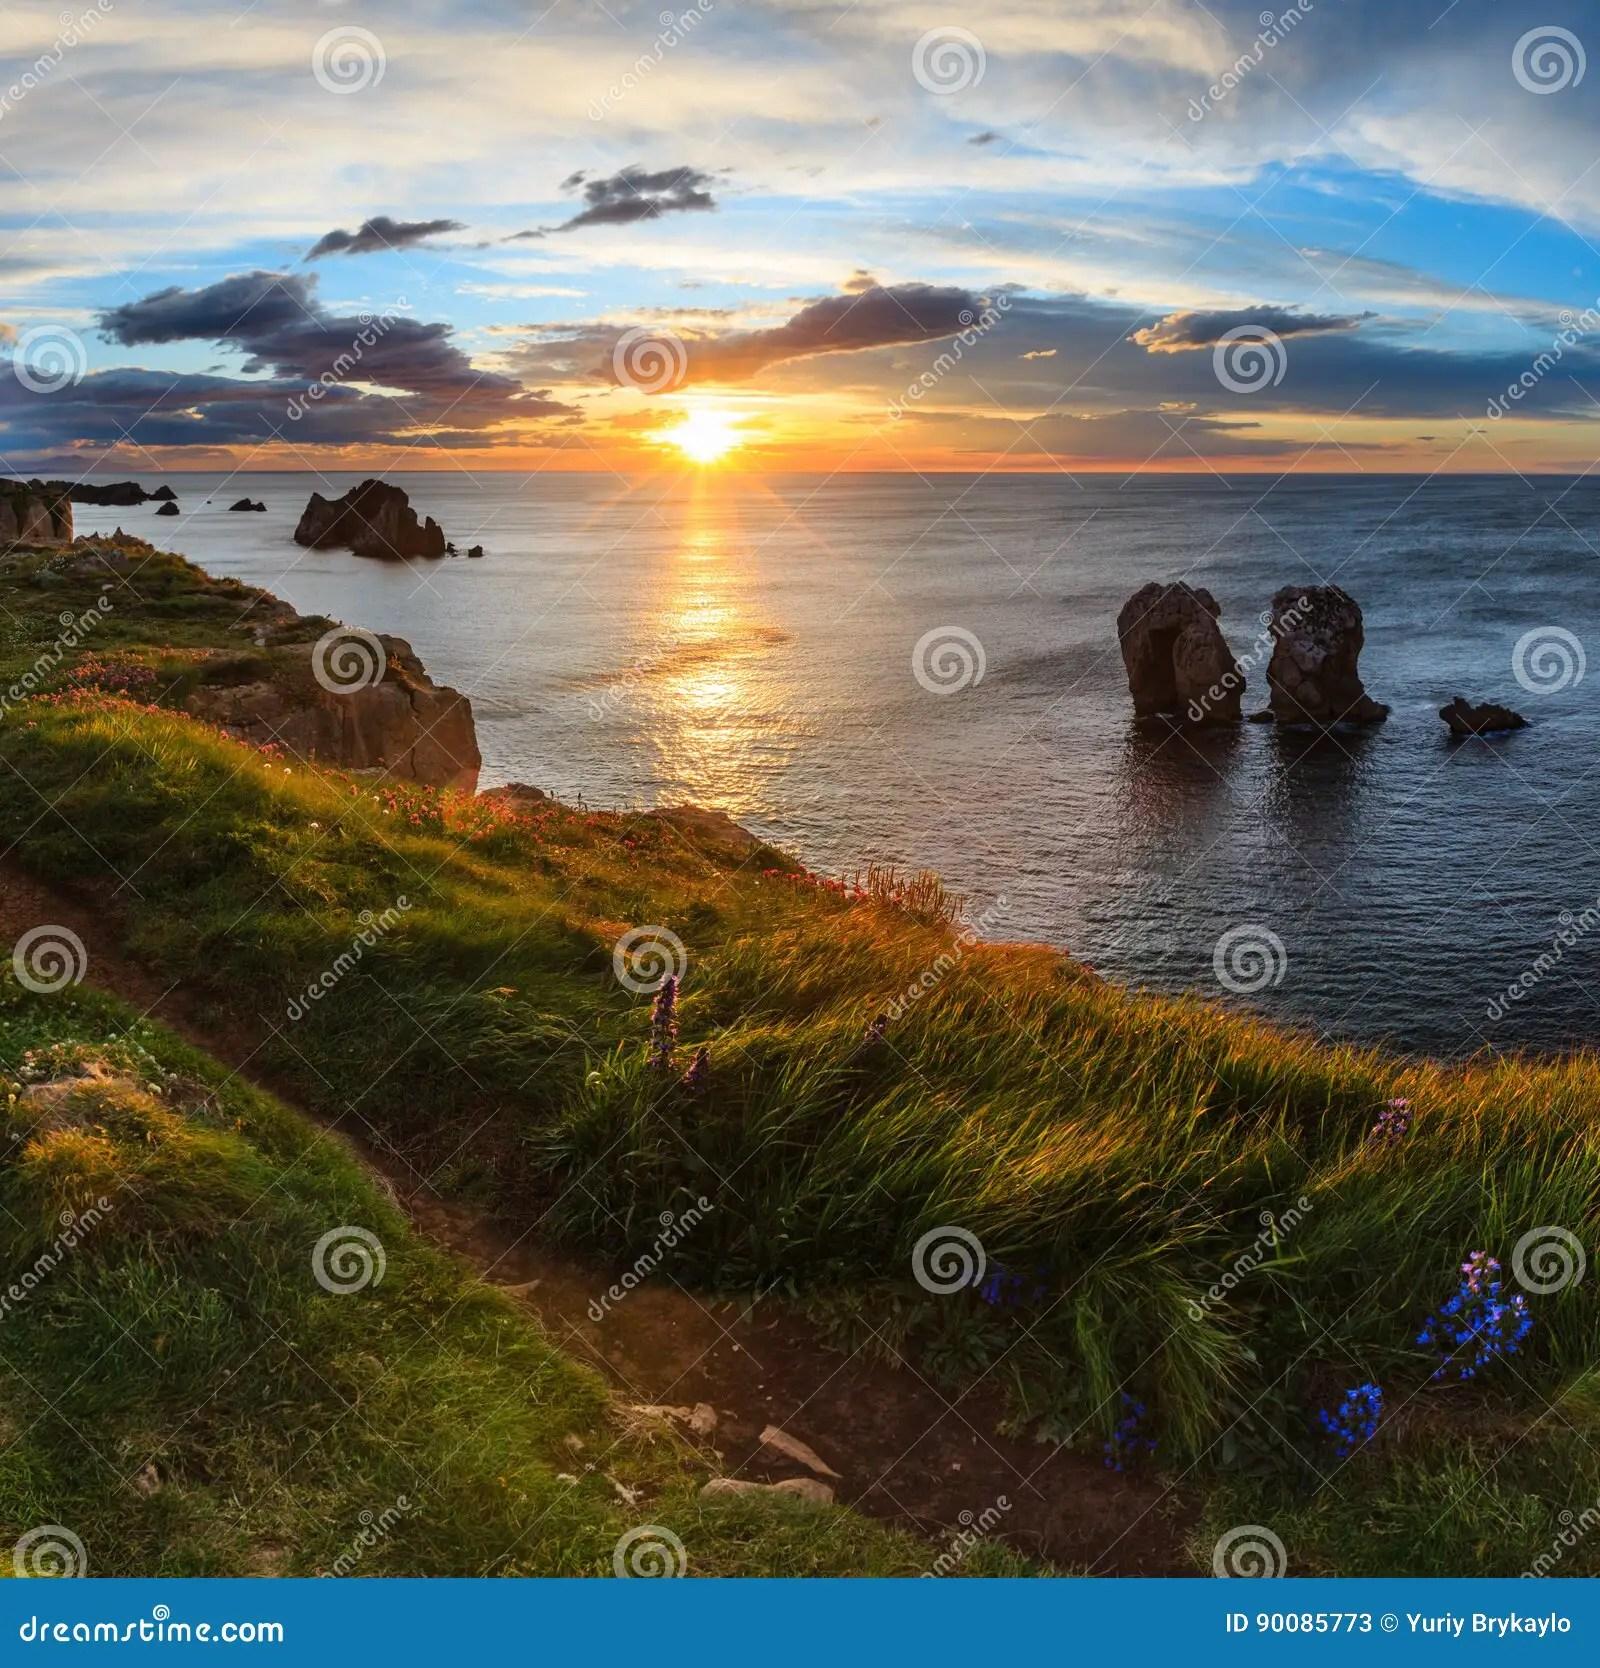 Paesaggio Atlantico Della Linea Costiera Di Tramonto